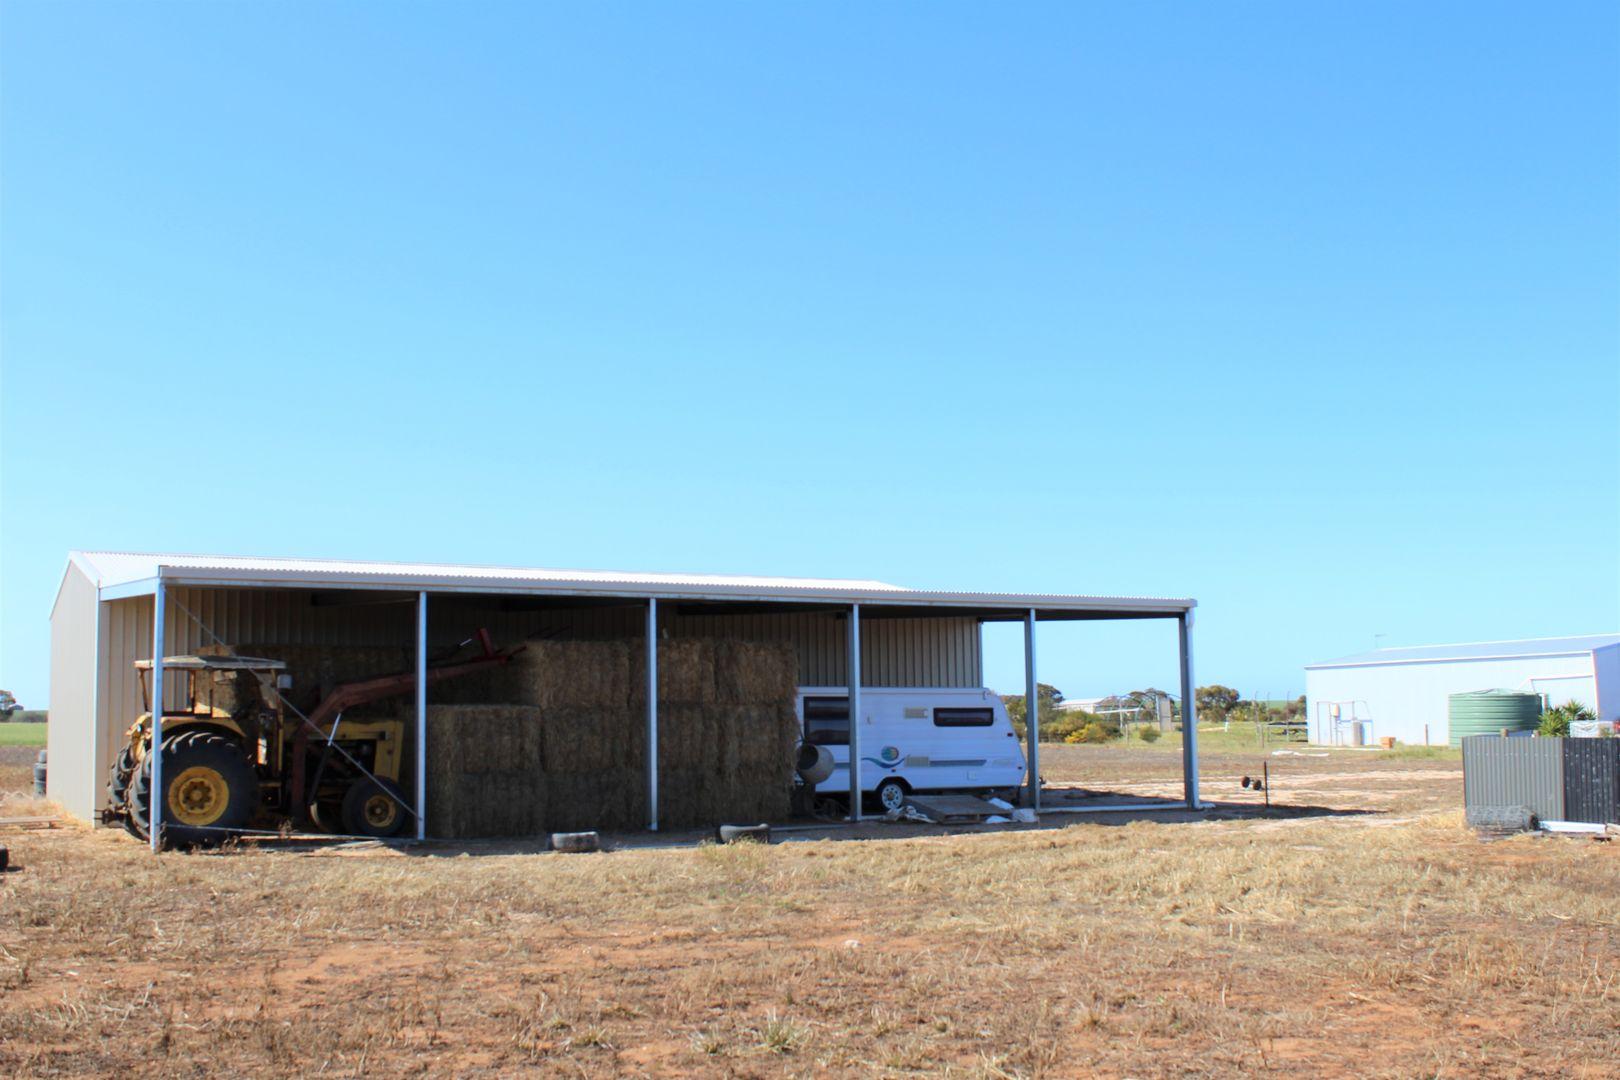 Lot 13 Barraud Road, LIPSON, Tumby Bay SA 5605, Image 2